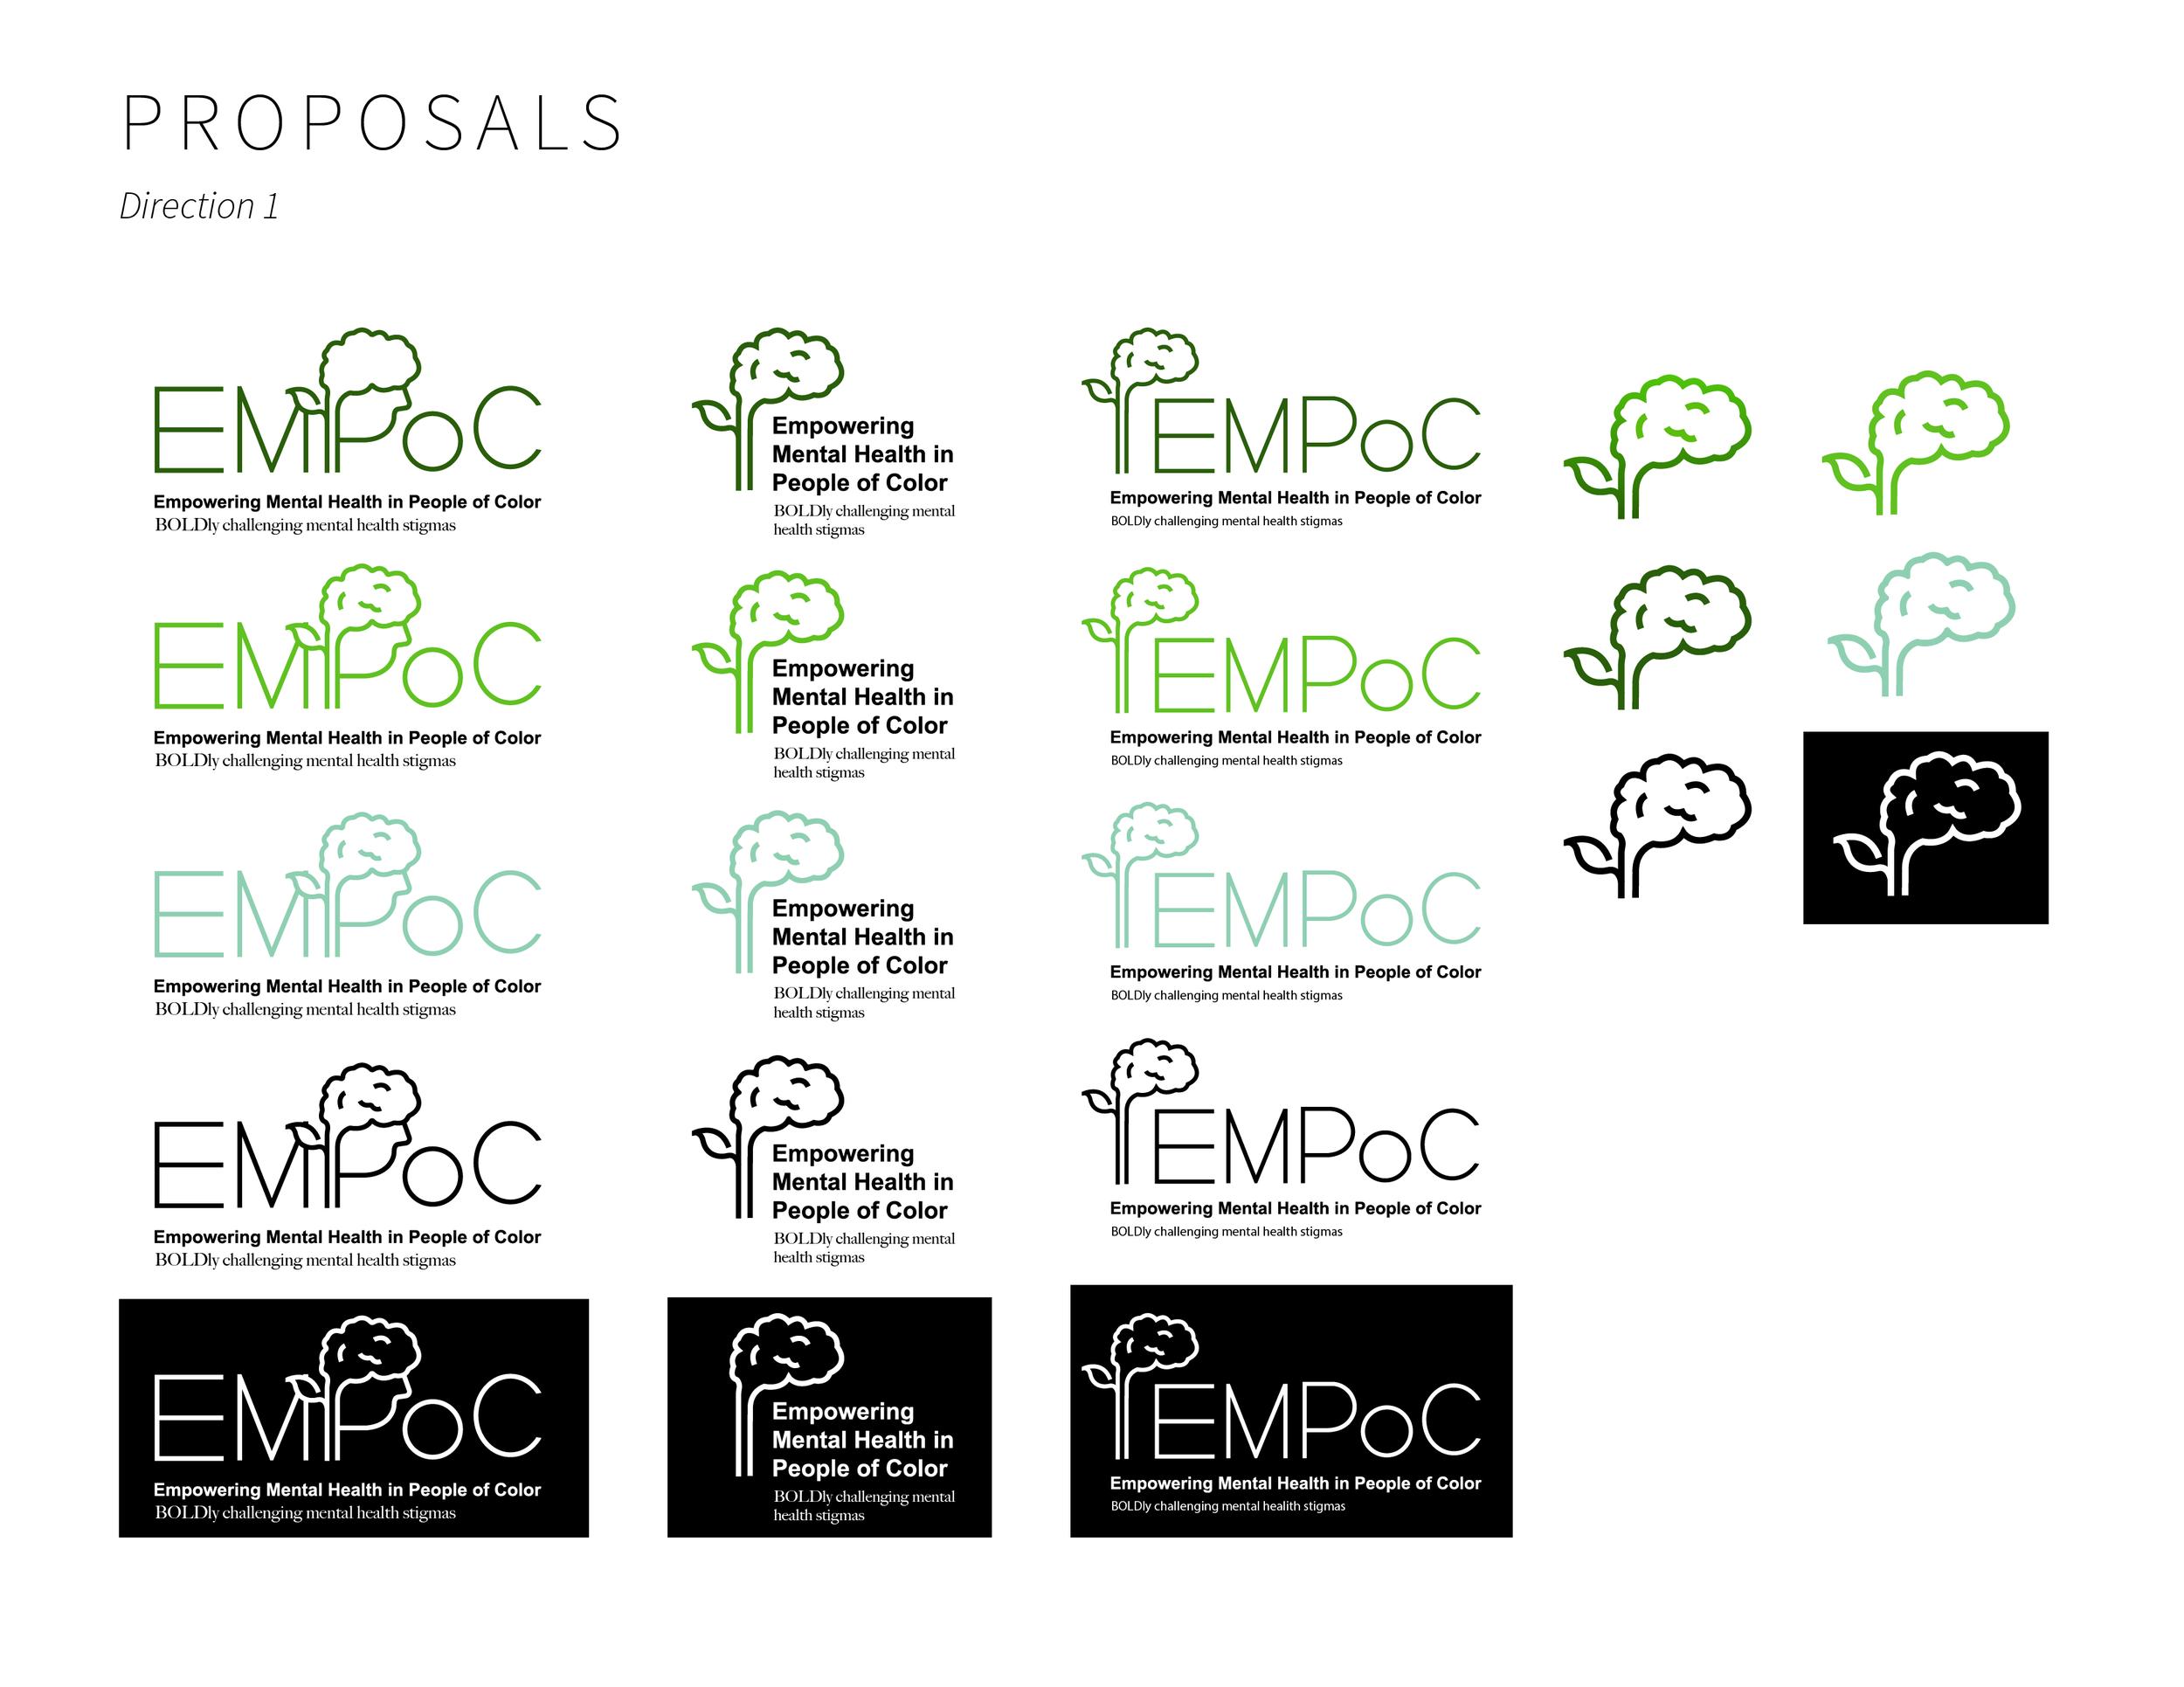 empoc-portfolio-02.png